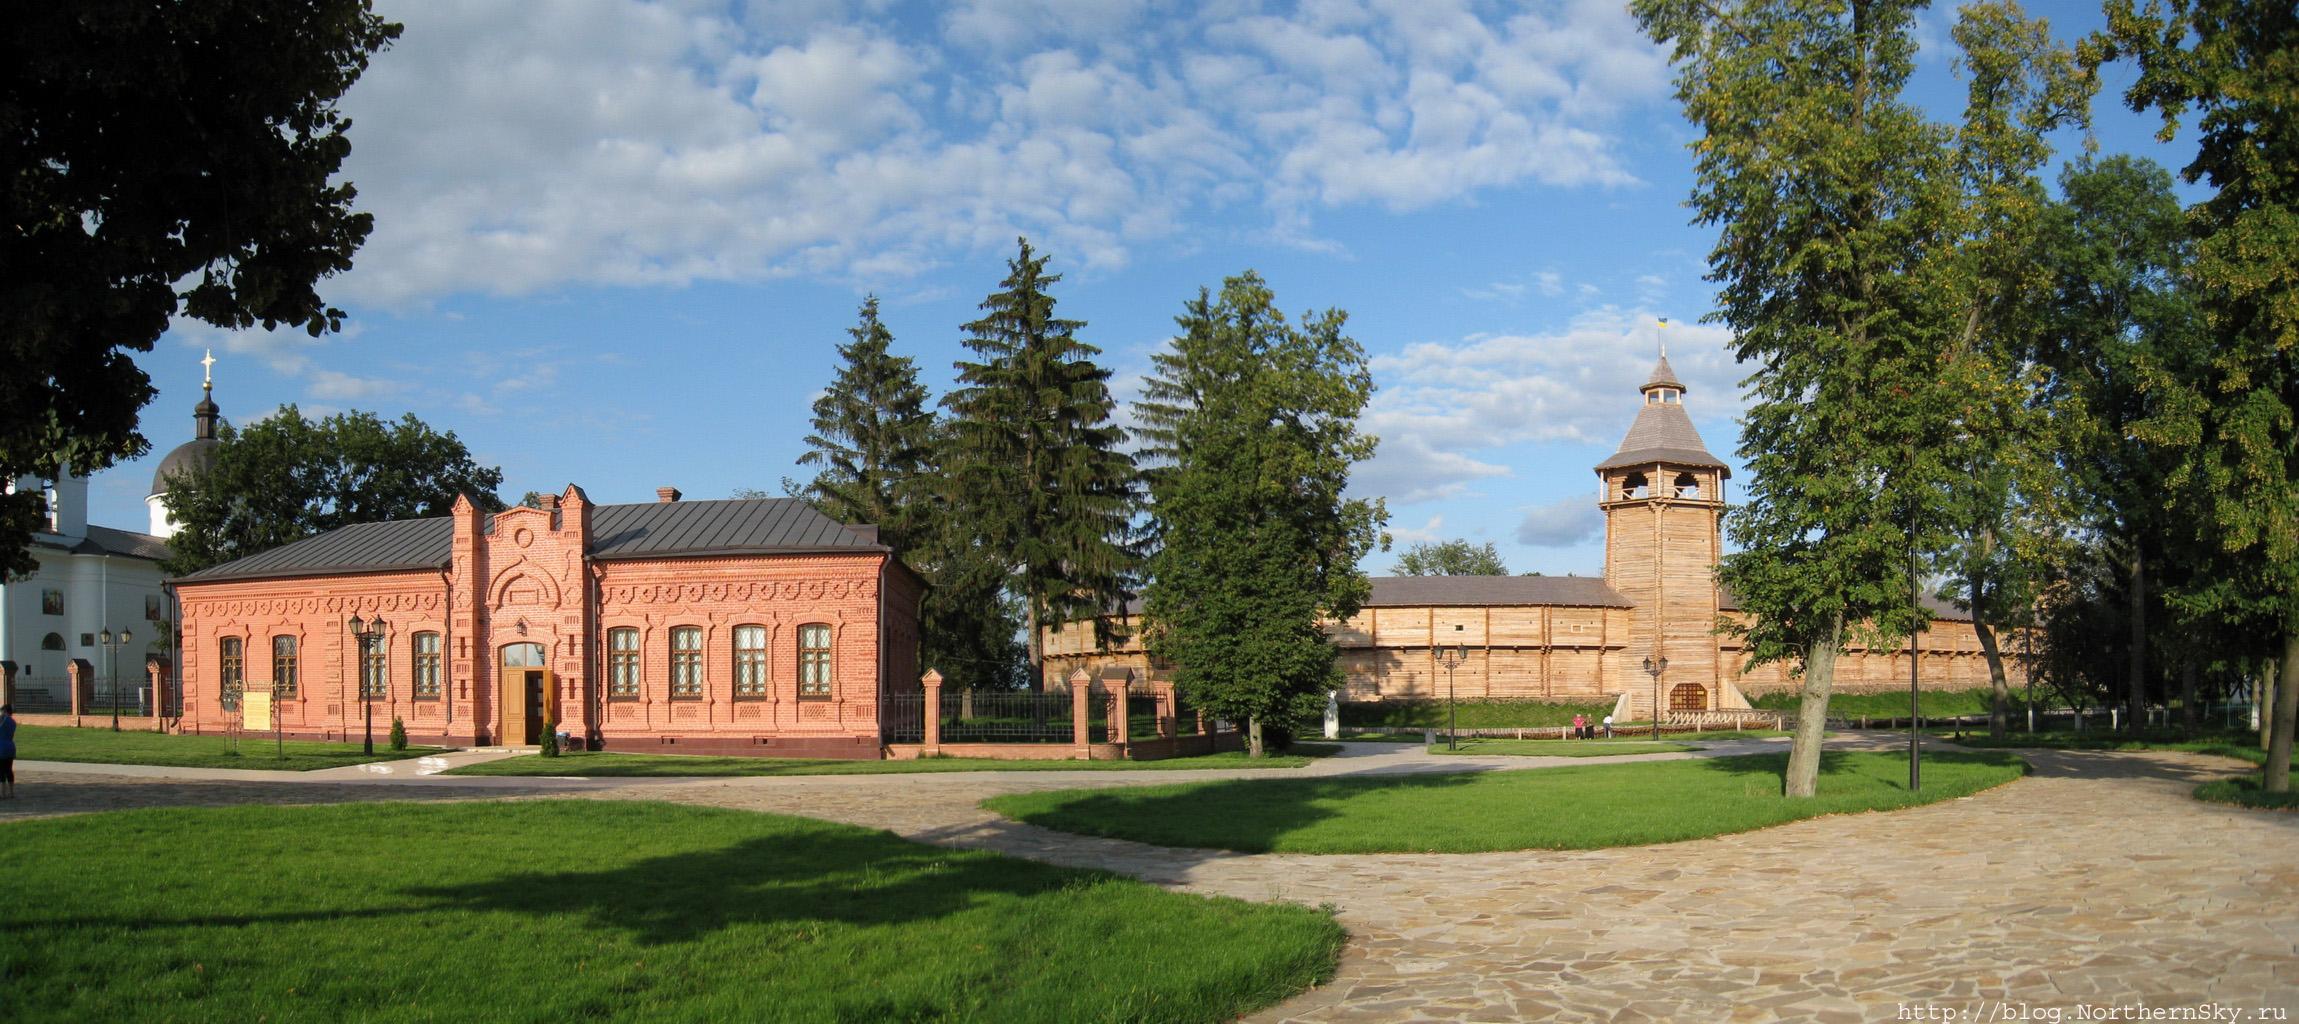 Куда поехать на День независимости: варианты туров для киевлян